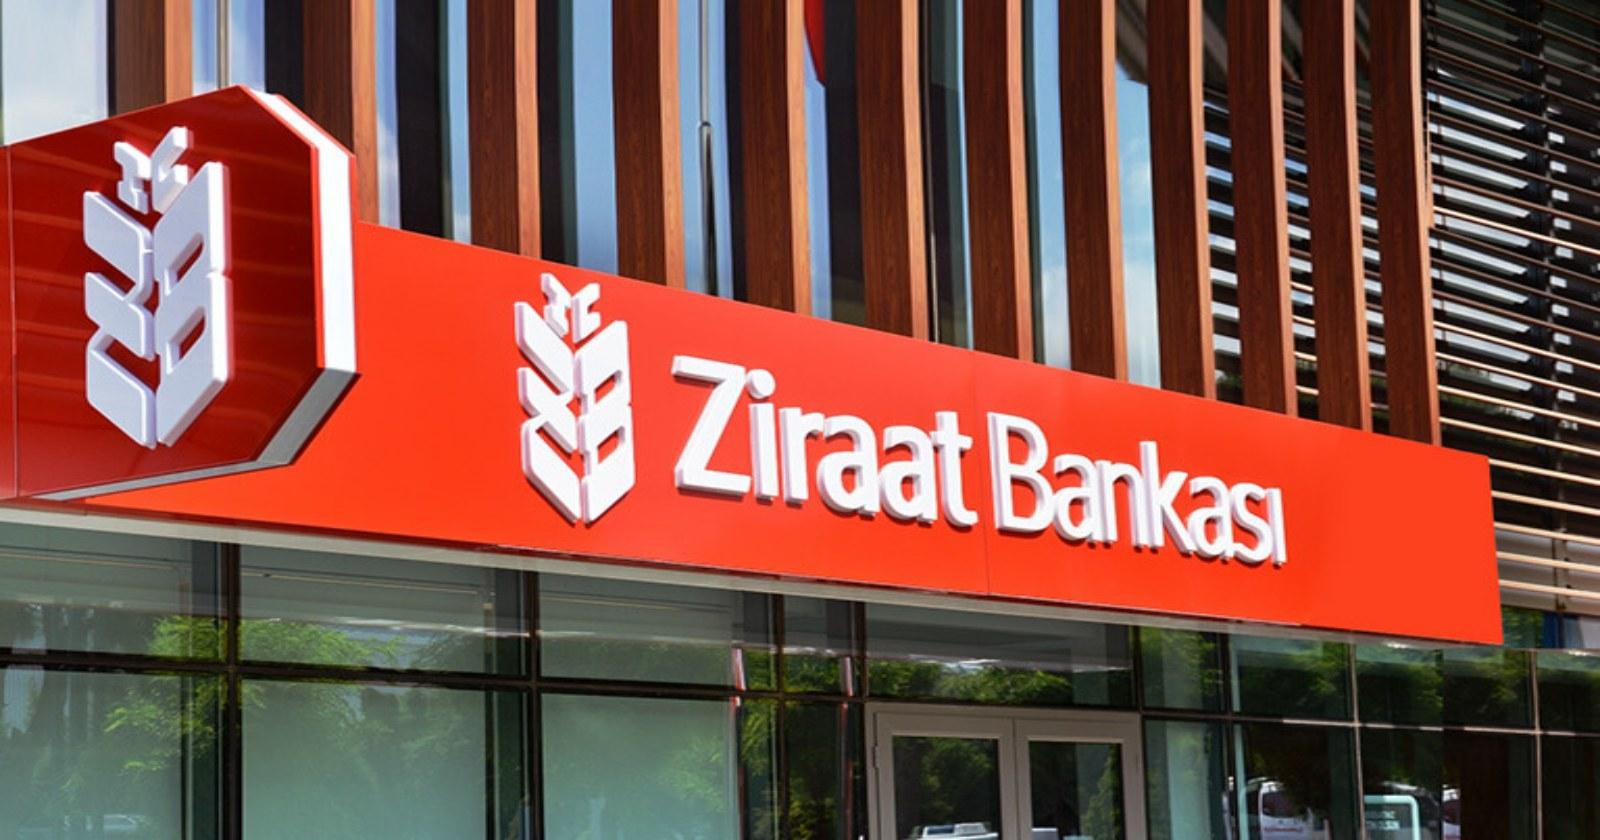 ziraat bankası emekli 2000tl para